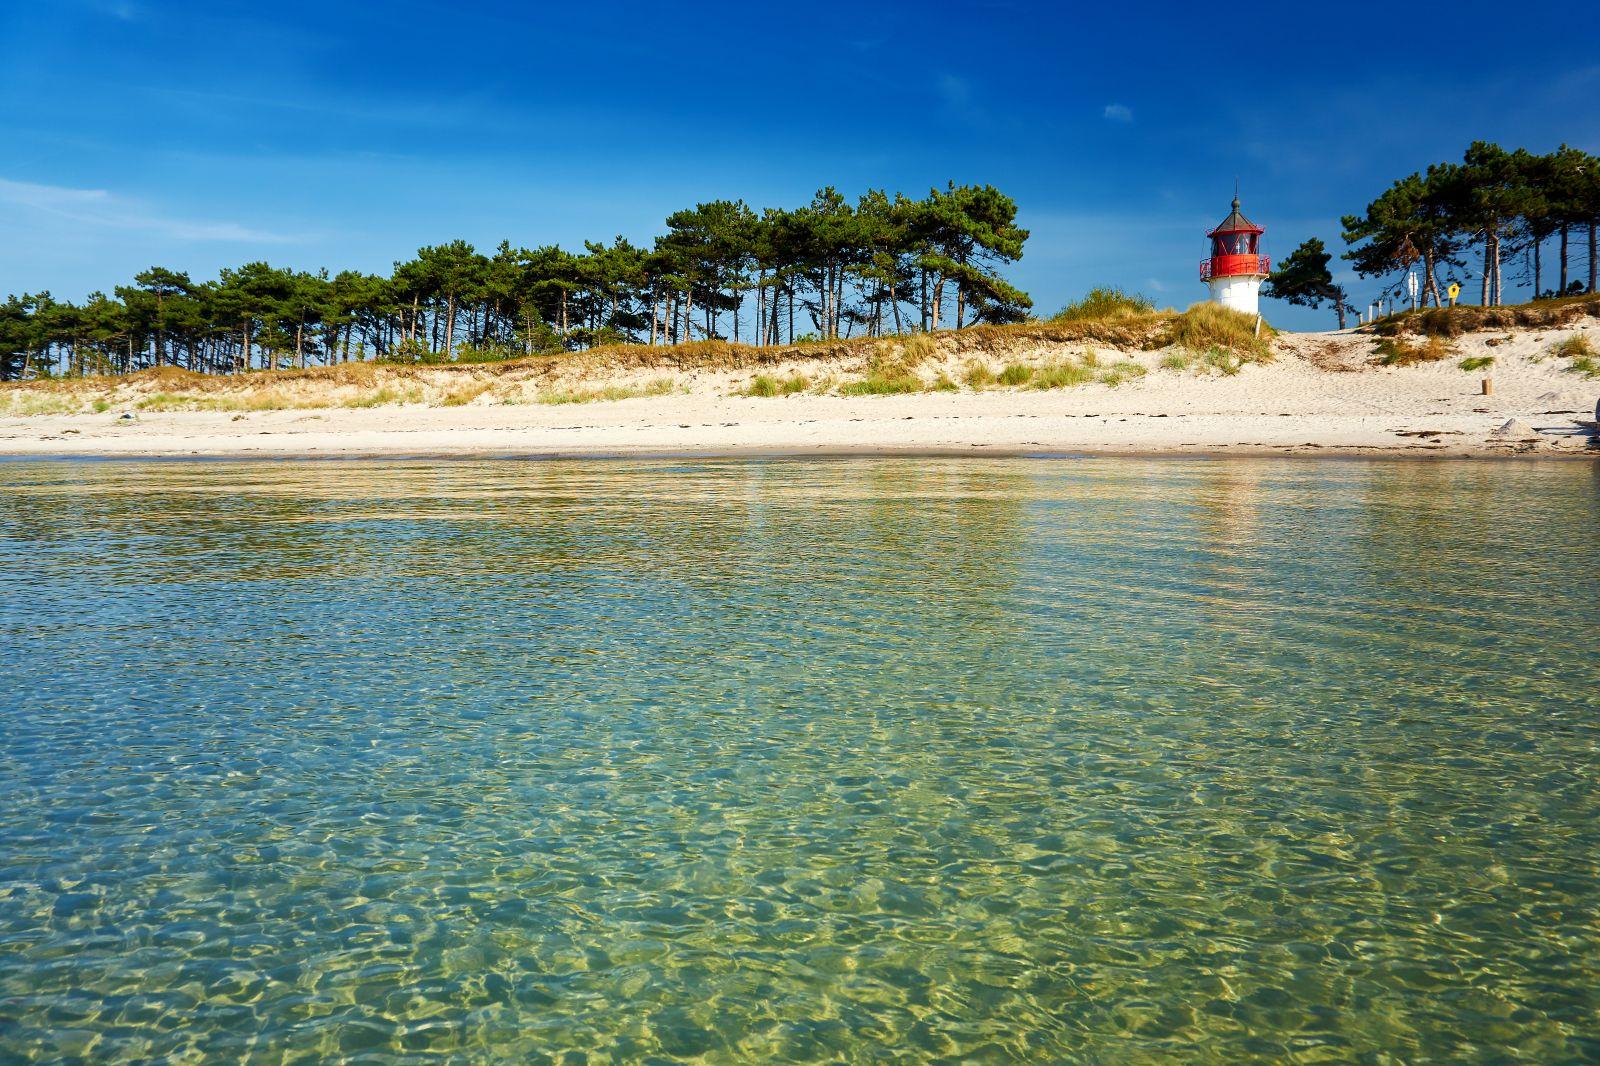 Vor allem auf der Westseite der Insel Hiddensee gbit es schöne lange Strände zum Entspannen, Baden und Spazierengehen. Von Vitt aus, kann man die Insel auch flott zu Fuß durchqueren. ©fotowunsch/AdobeStock